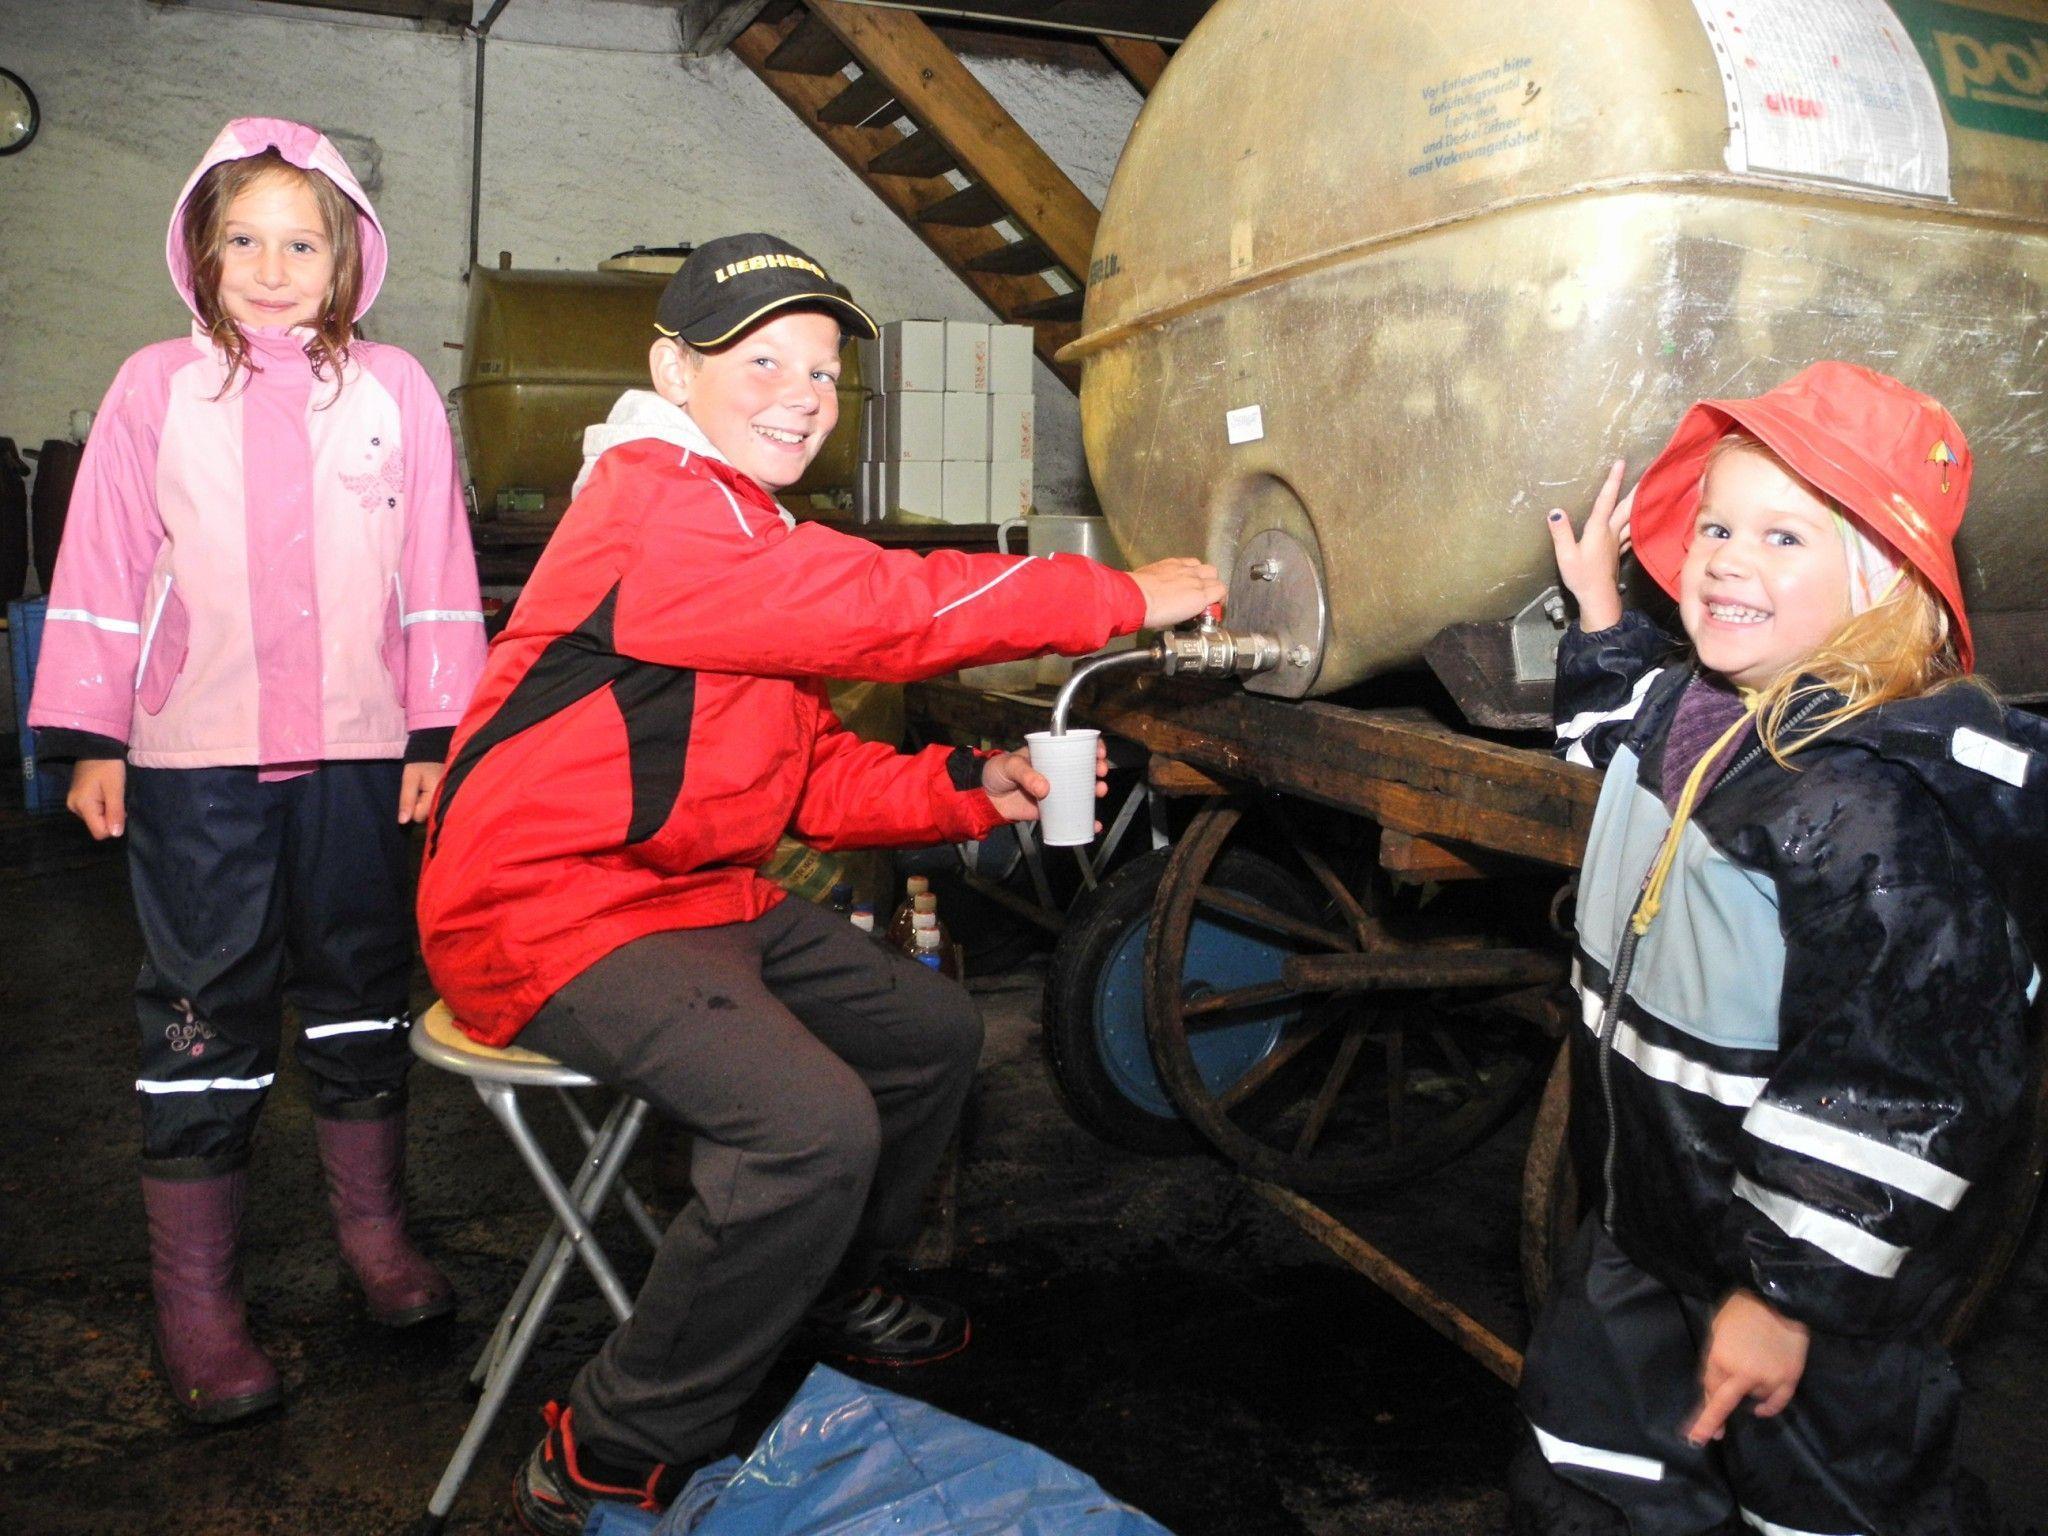 """(l.) Anna-Christine, Lukas und Antonia genießen den frischen Saft, Lukas schenkt den """"Damen"""" als Kavalier gerne Saft vom Fass ein"""